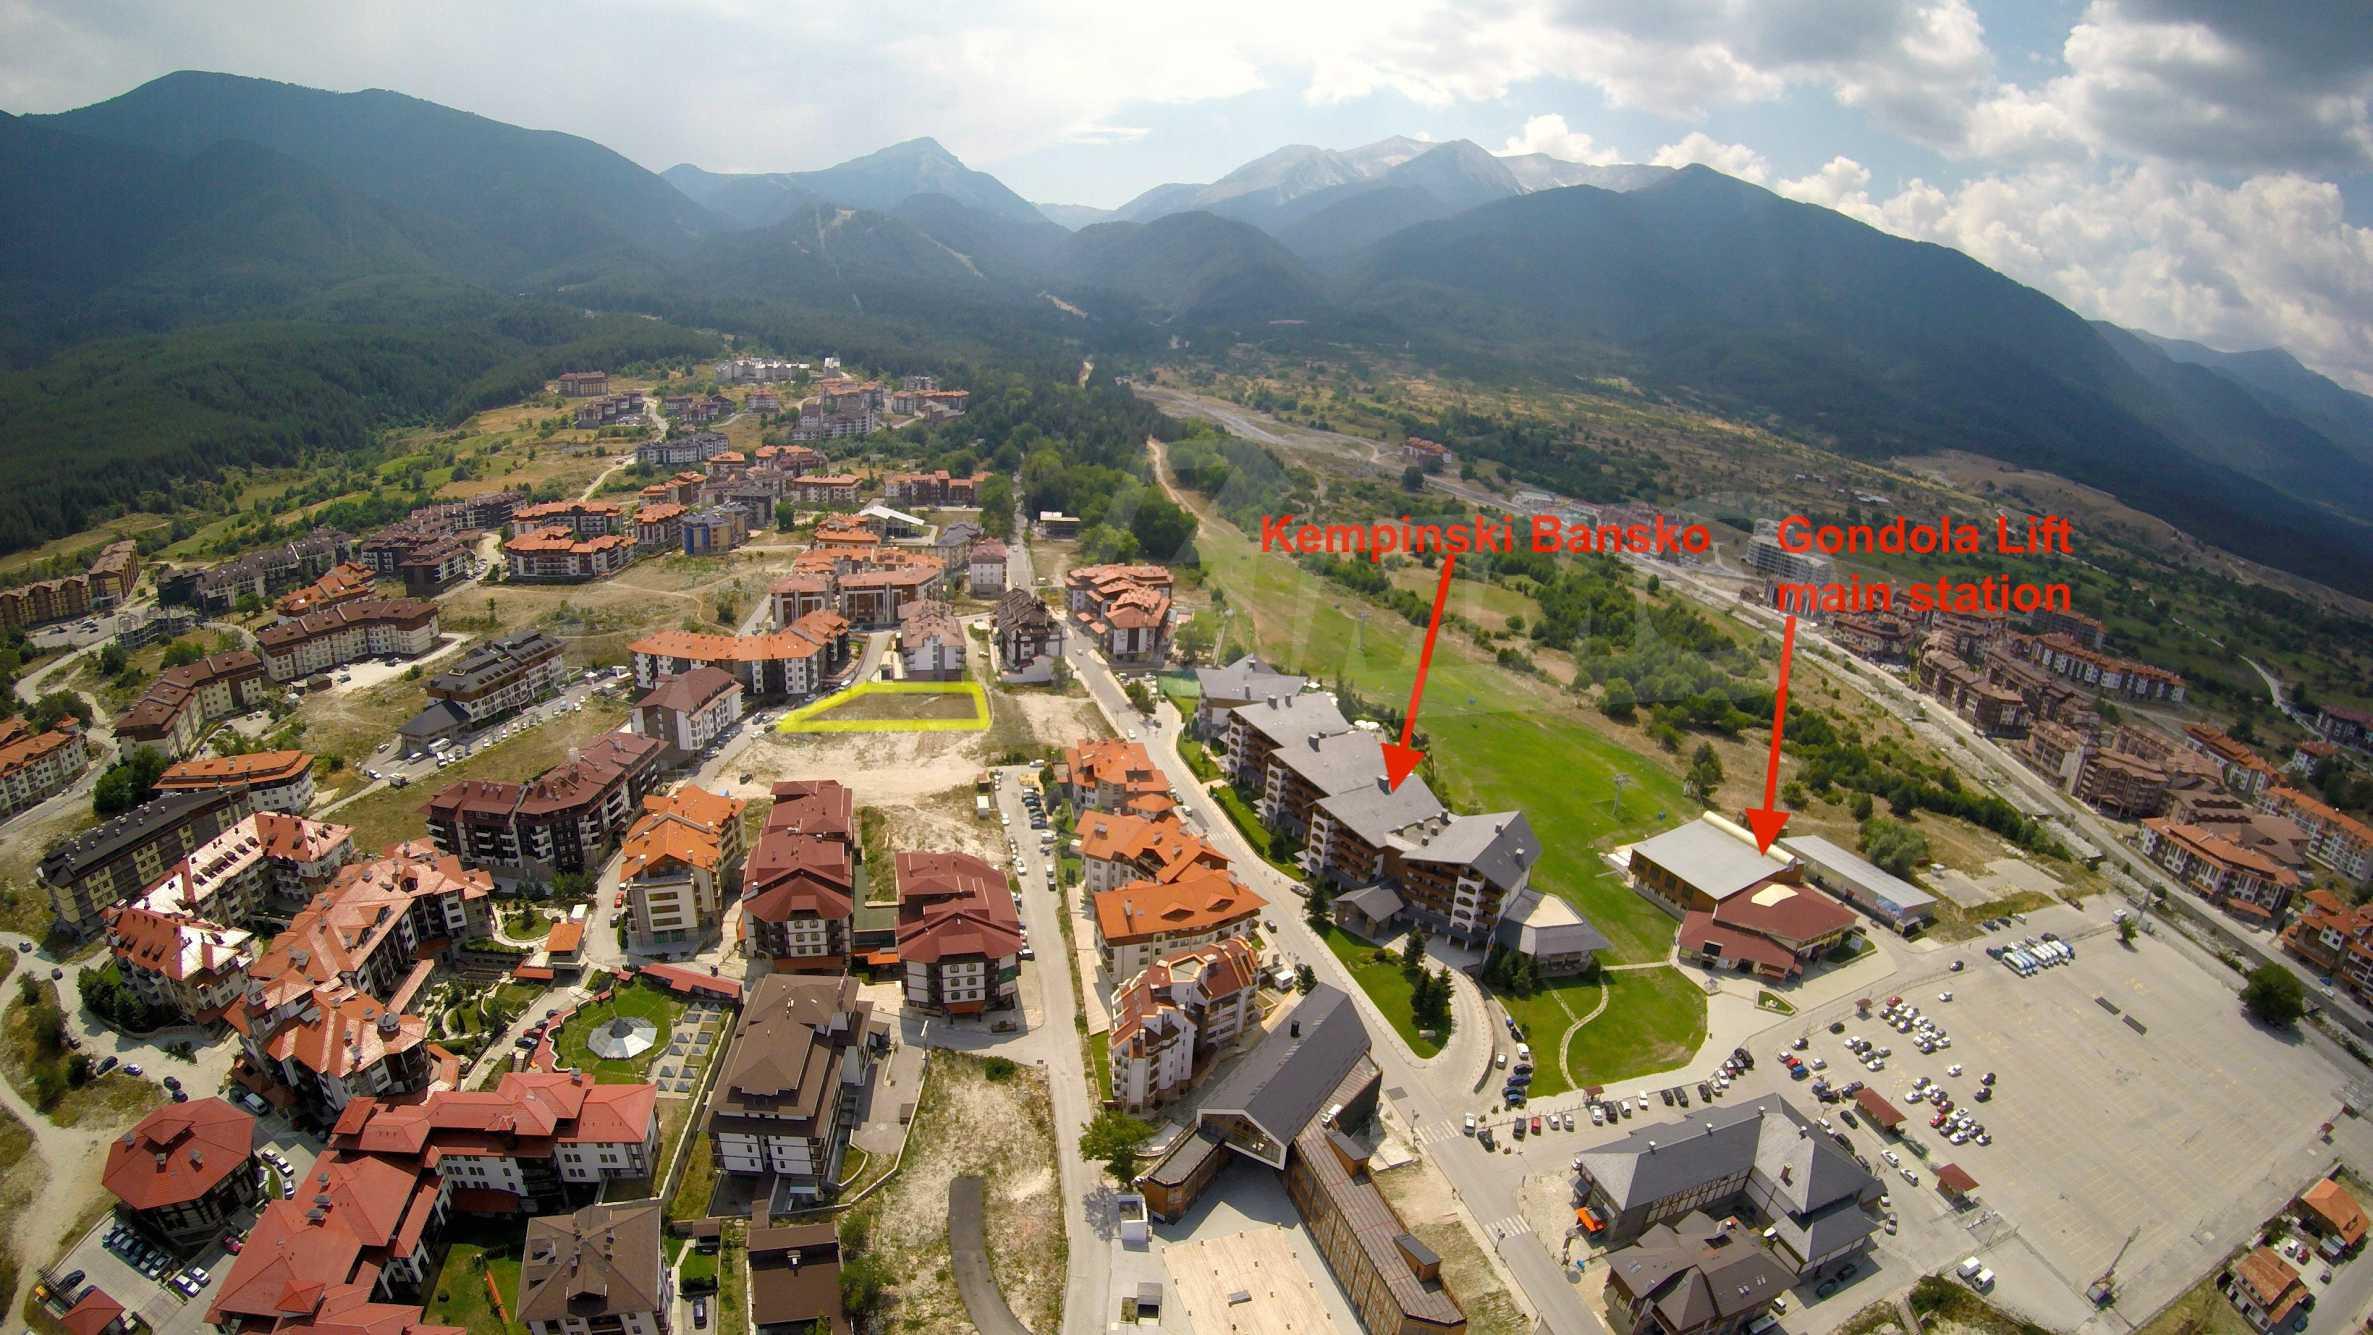 Chateau Blanc (Шато Блан): Возможно лучшая возможность для инвестиции в Банско 28